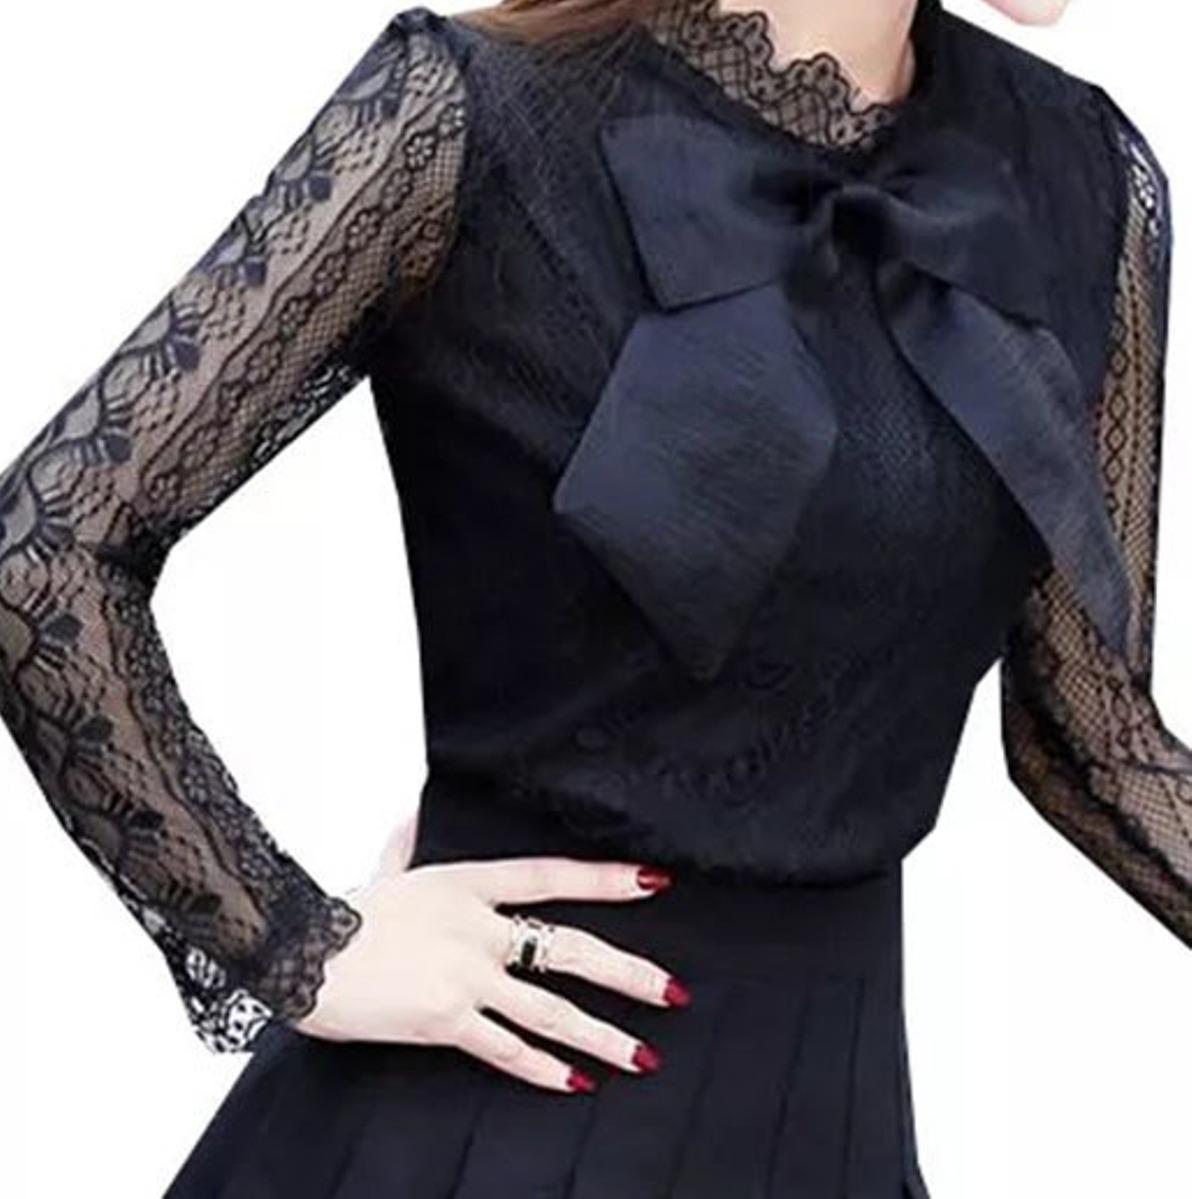 b093fca899 blusa camisa feminina social renda tule de luxo foto real. Carregando zoom.